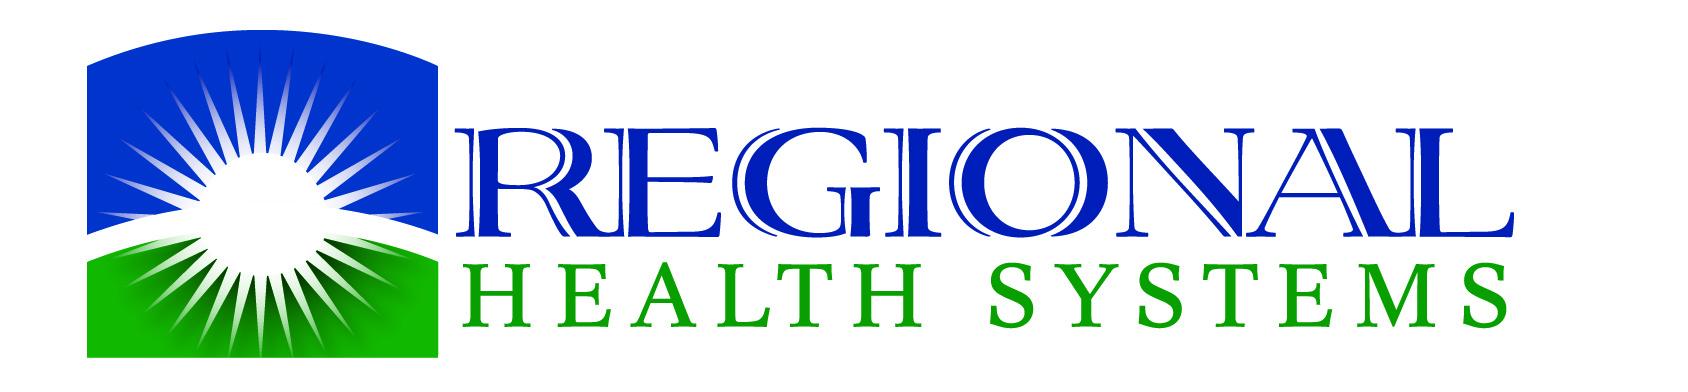 Regional Health Systems Logo